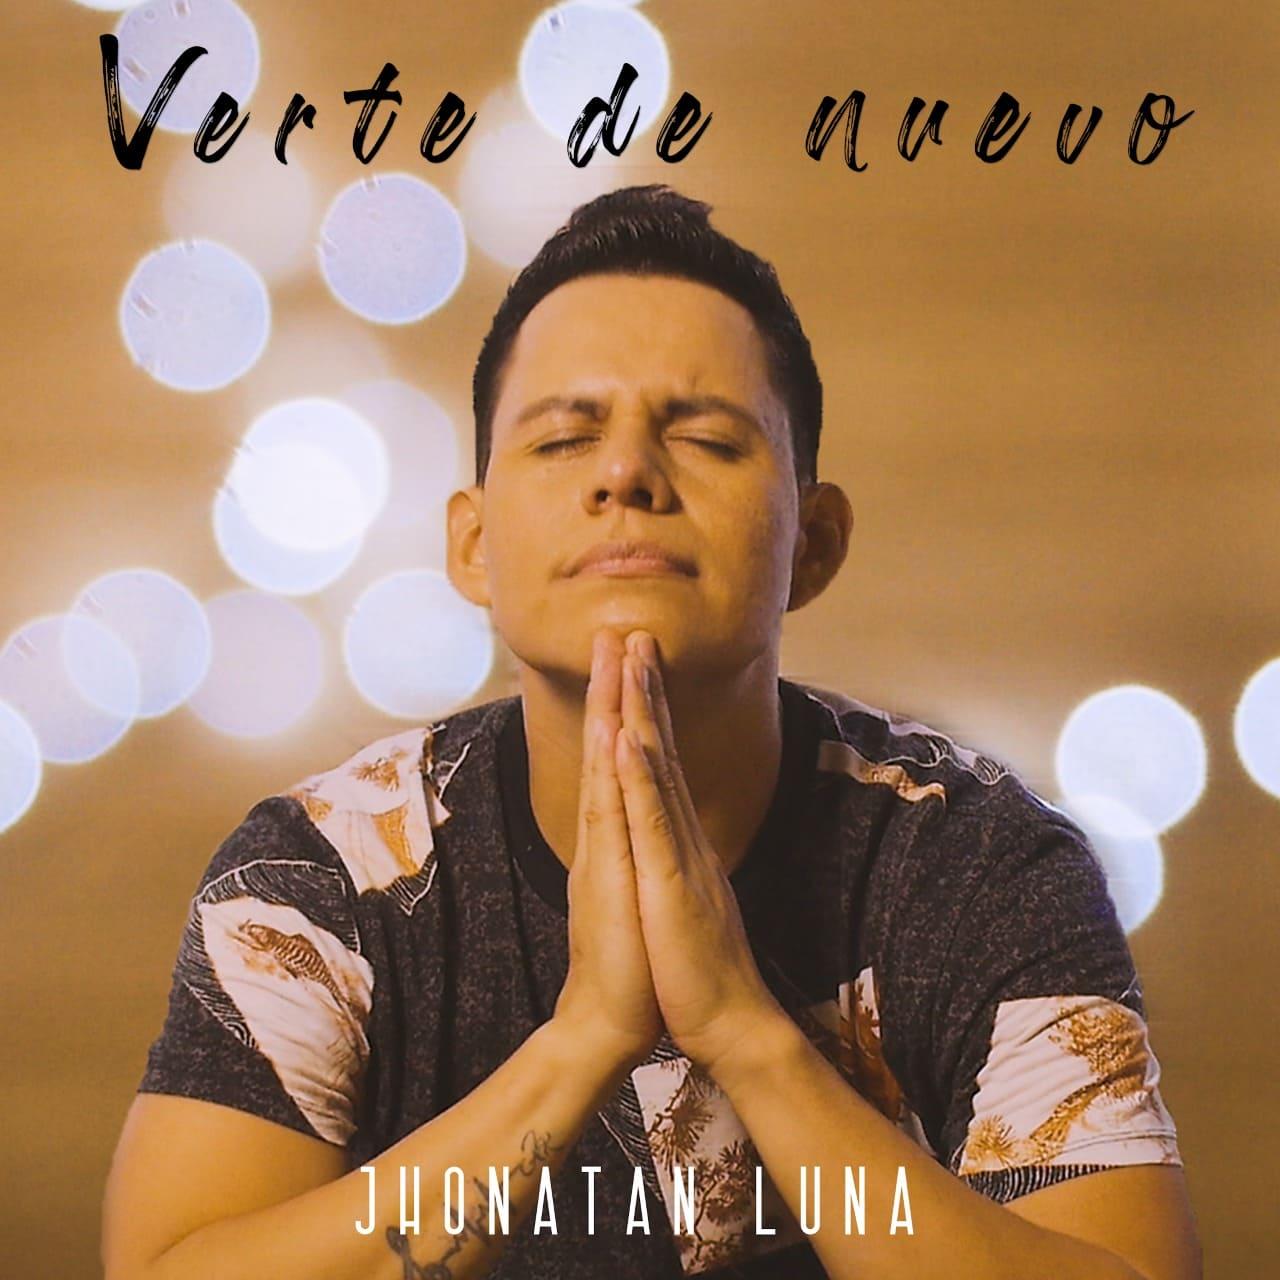 """Jhonatan Luna presenta su nuevo sencillo """"Verte de nuevo"""""""